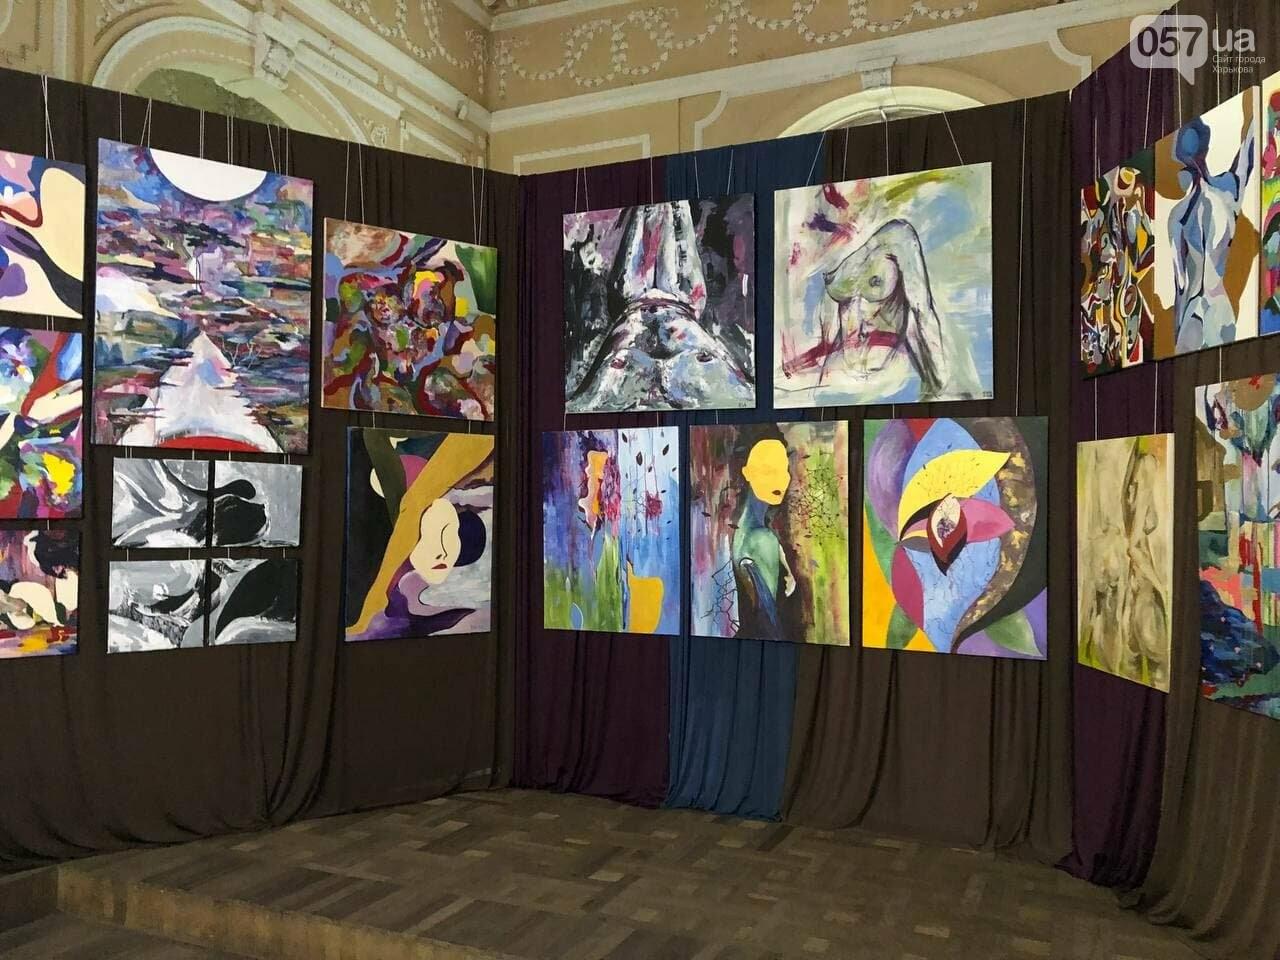 В Харькове прошла благотворительная выставка памяти молодой художницы, скончавшейся от приступа эпилепсии, - ФОТОРЕПОРТАЖ, фото-5